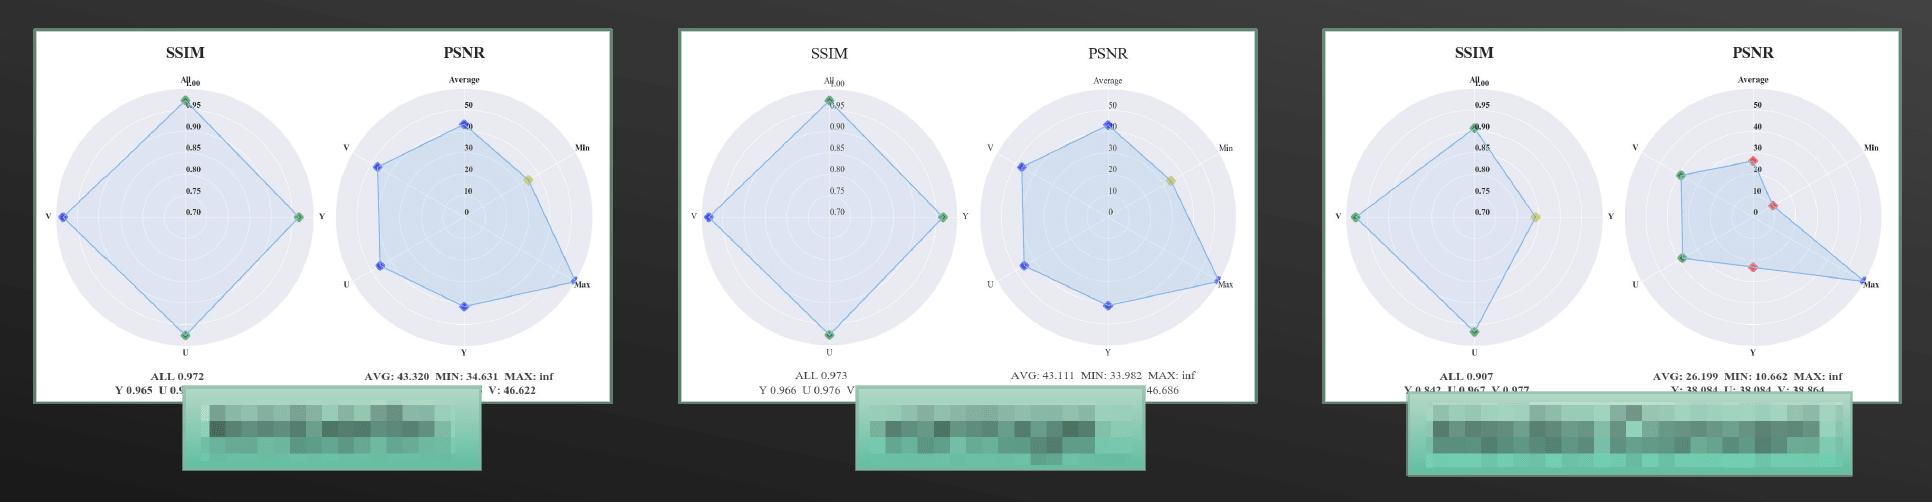 トランスコーダーの検証結果サンプル